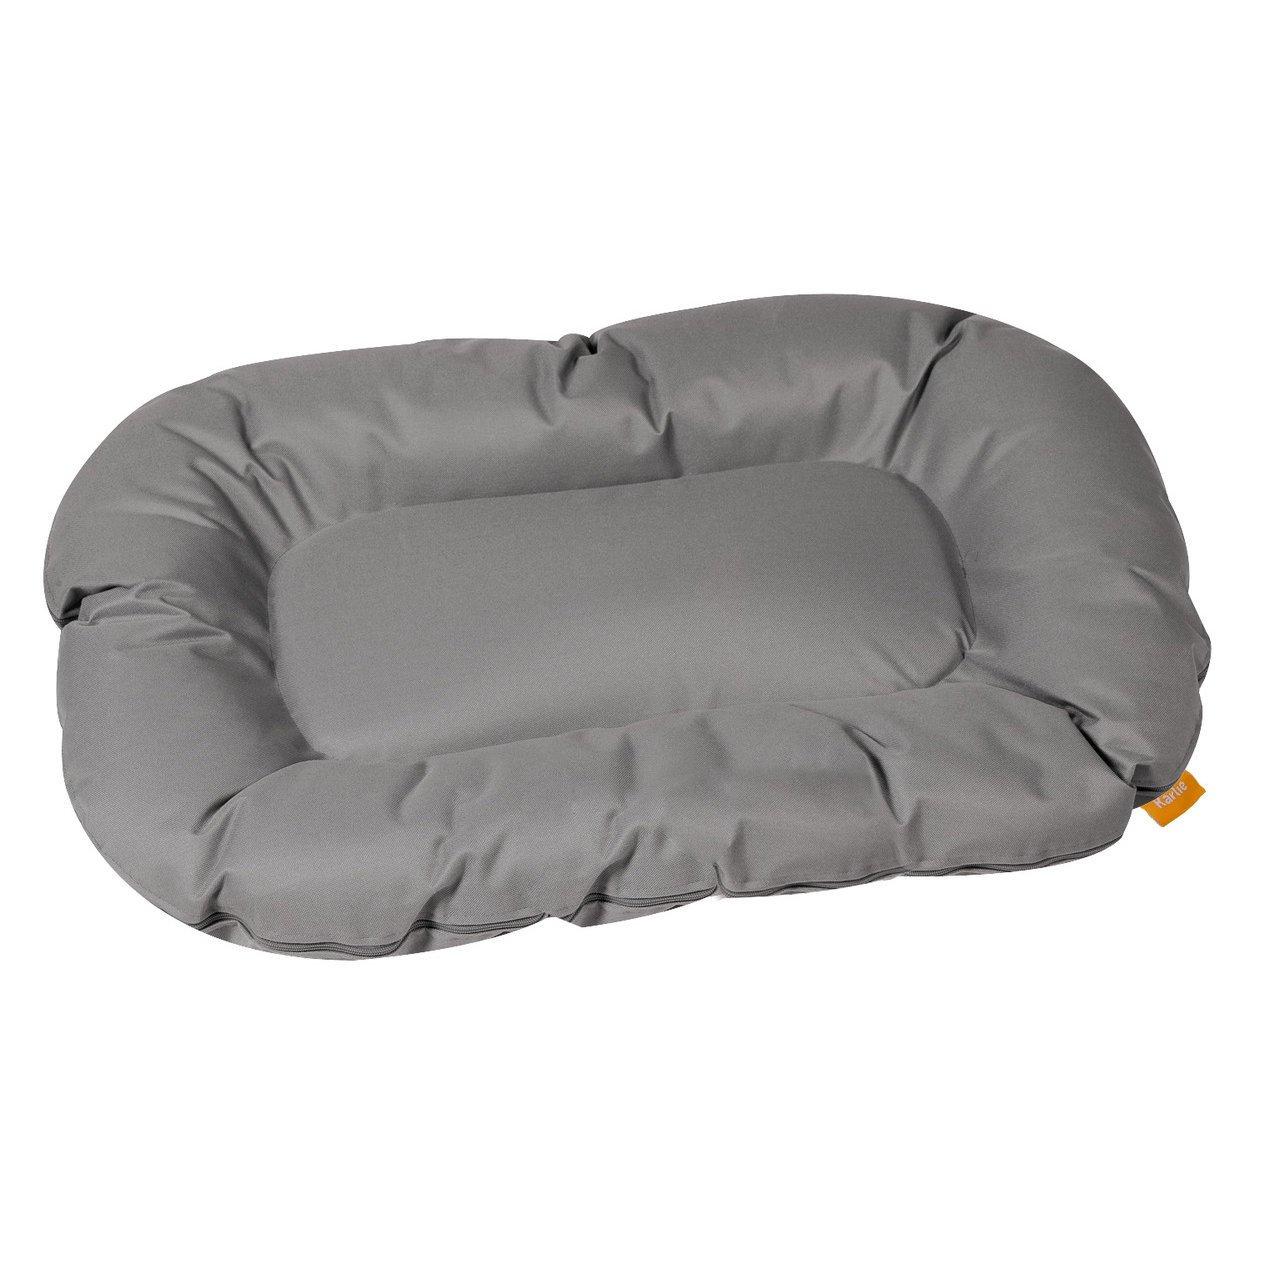 Karlie Hundekissen Dreambay Grey, L: 140 cm B: 105 cm H: 17 cm grau